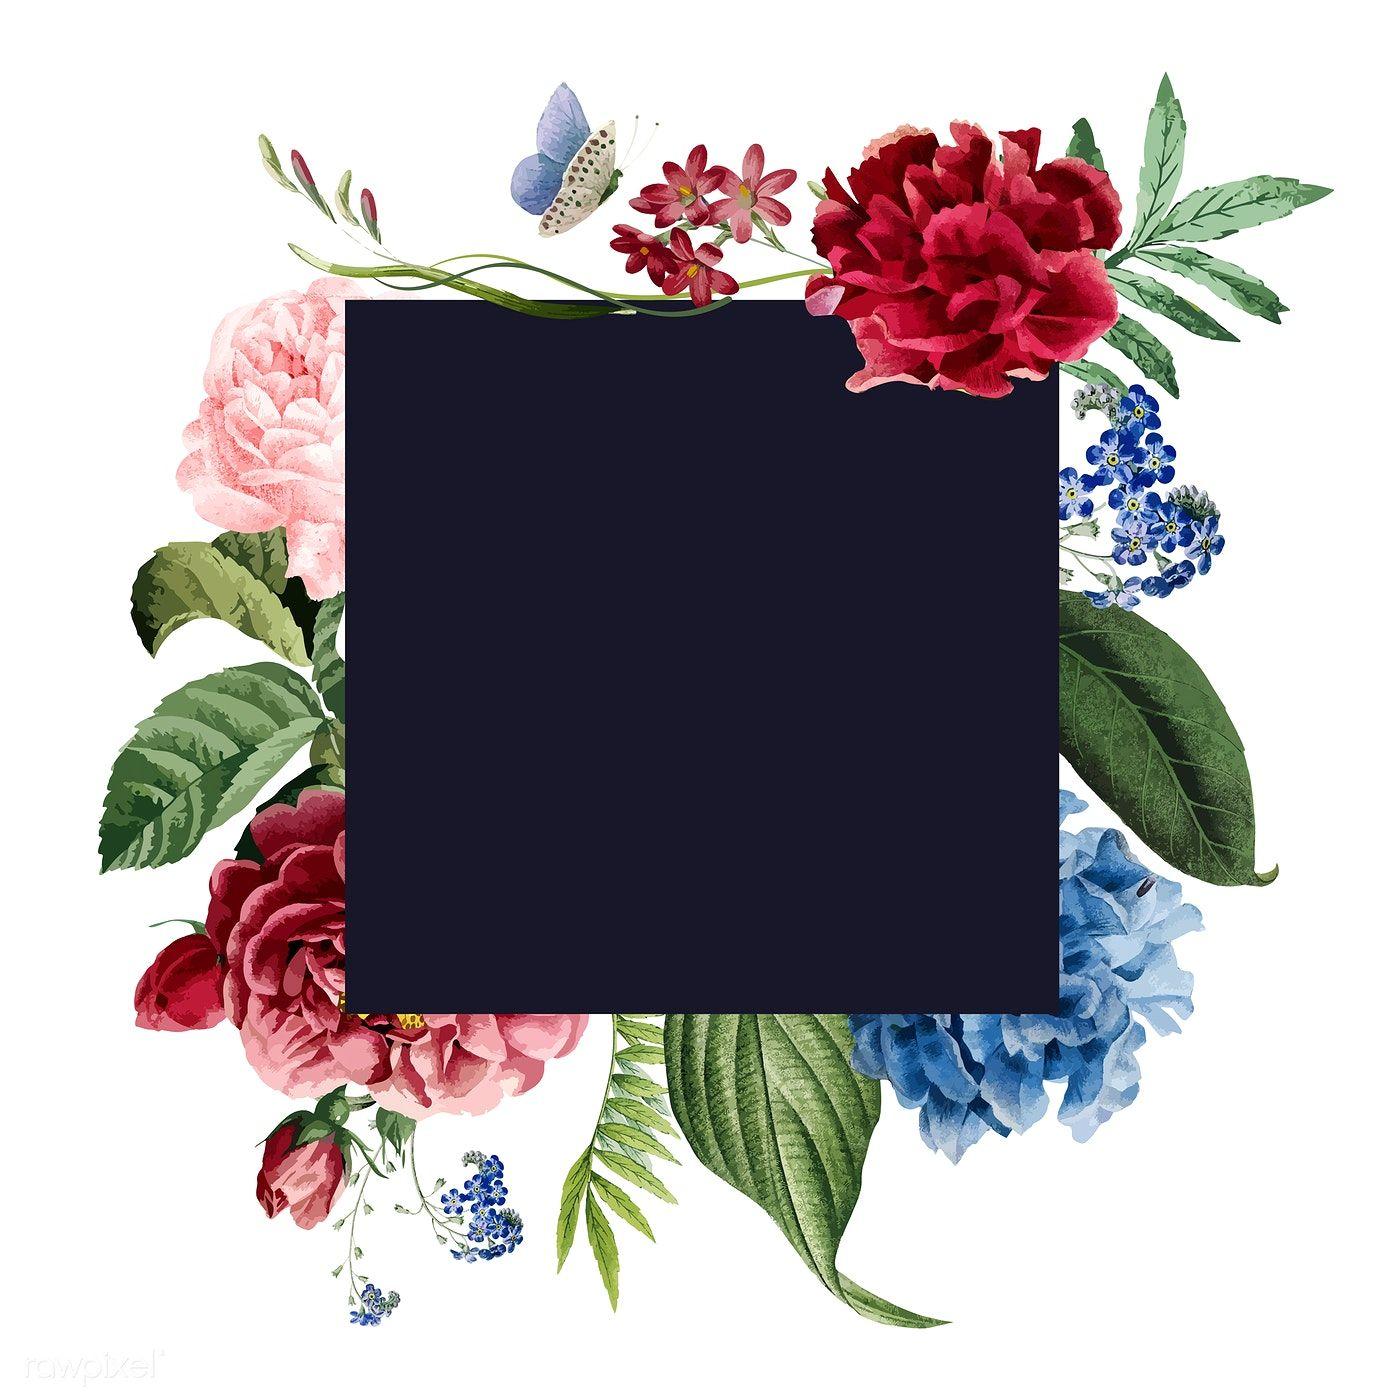 Floral Frame Invitation Card Design Free Image By Rawpixel Com Card Design Invitation Card Design Floral Graphic Design